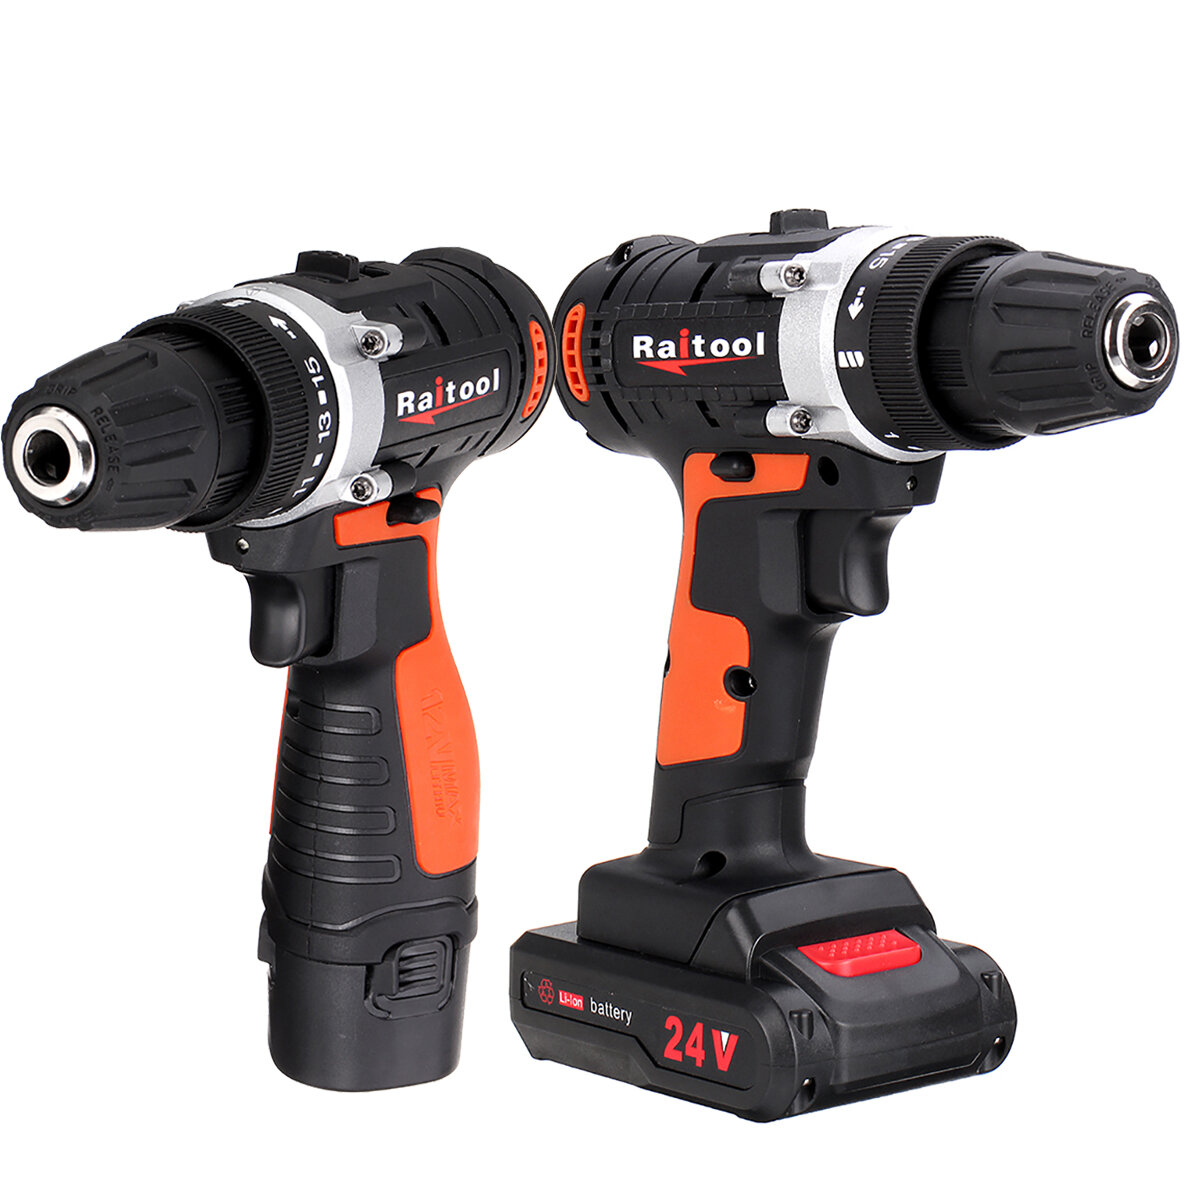 230-240V 96W Electric Multifunction Sharpener Household Grinding Tool Sharpener Drill - 2